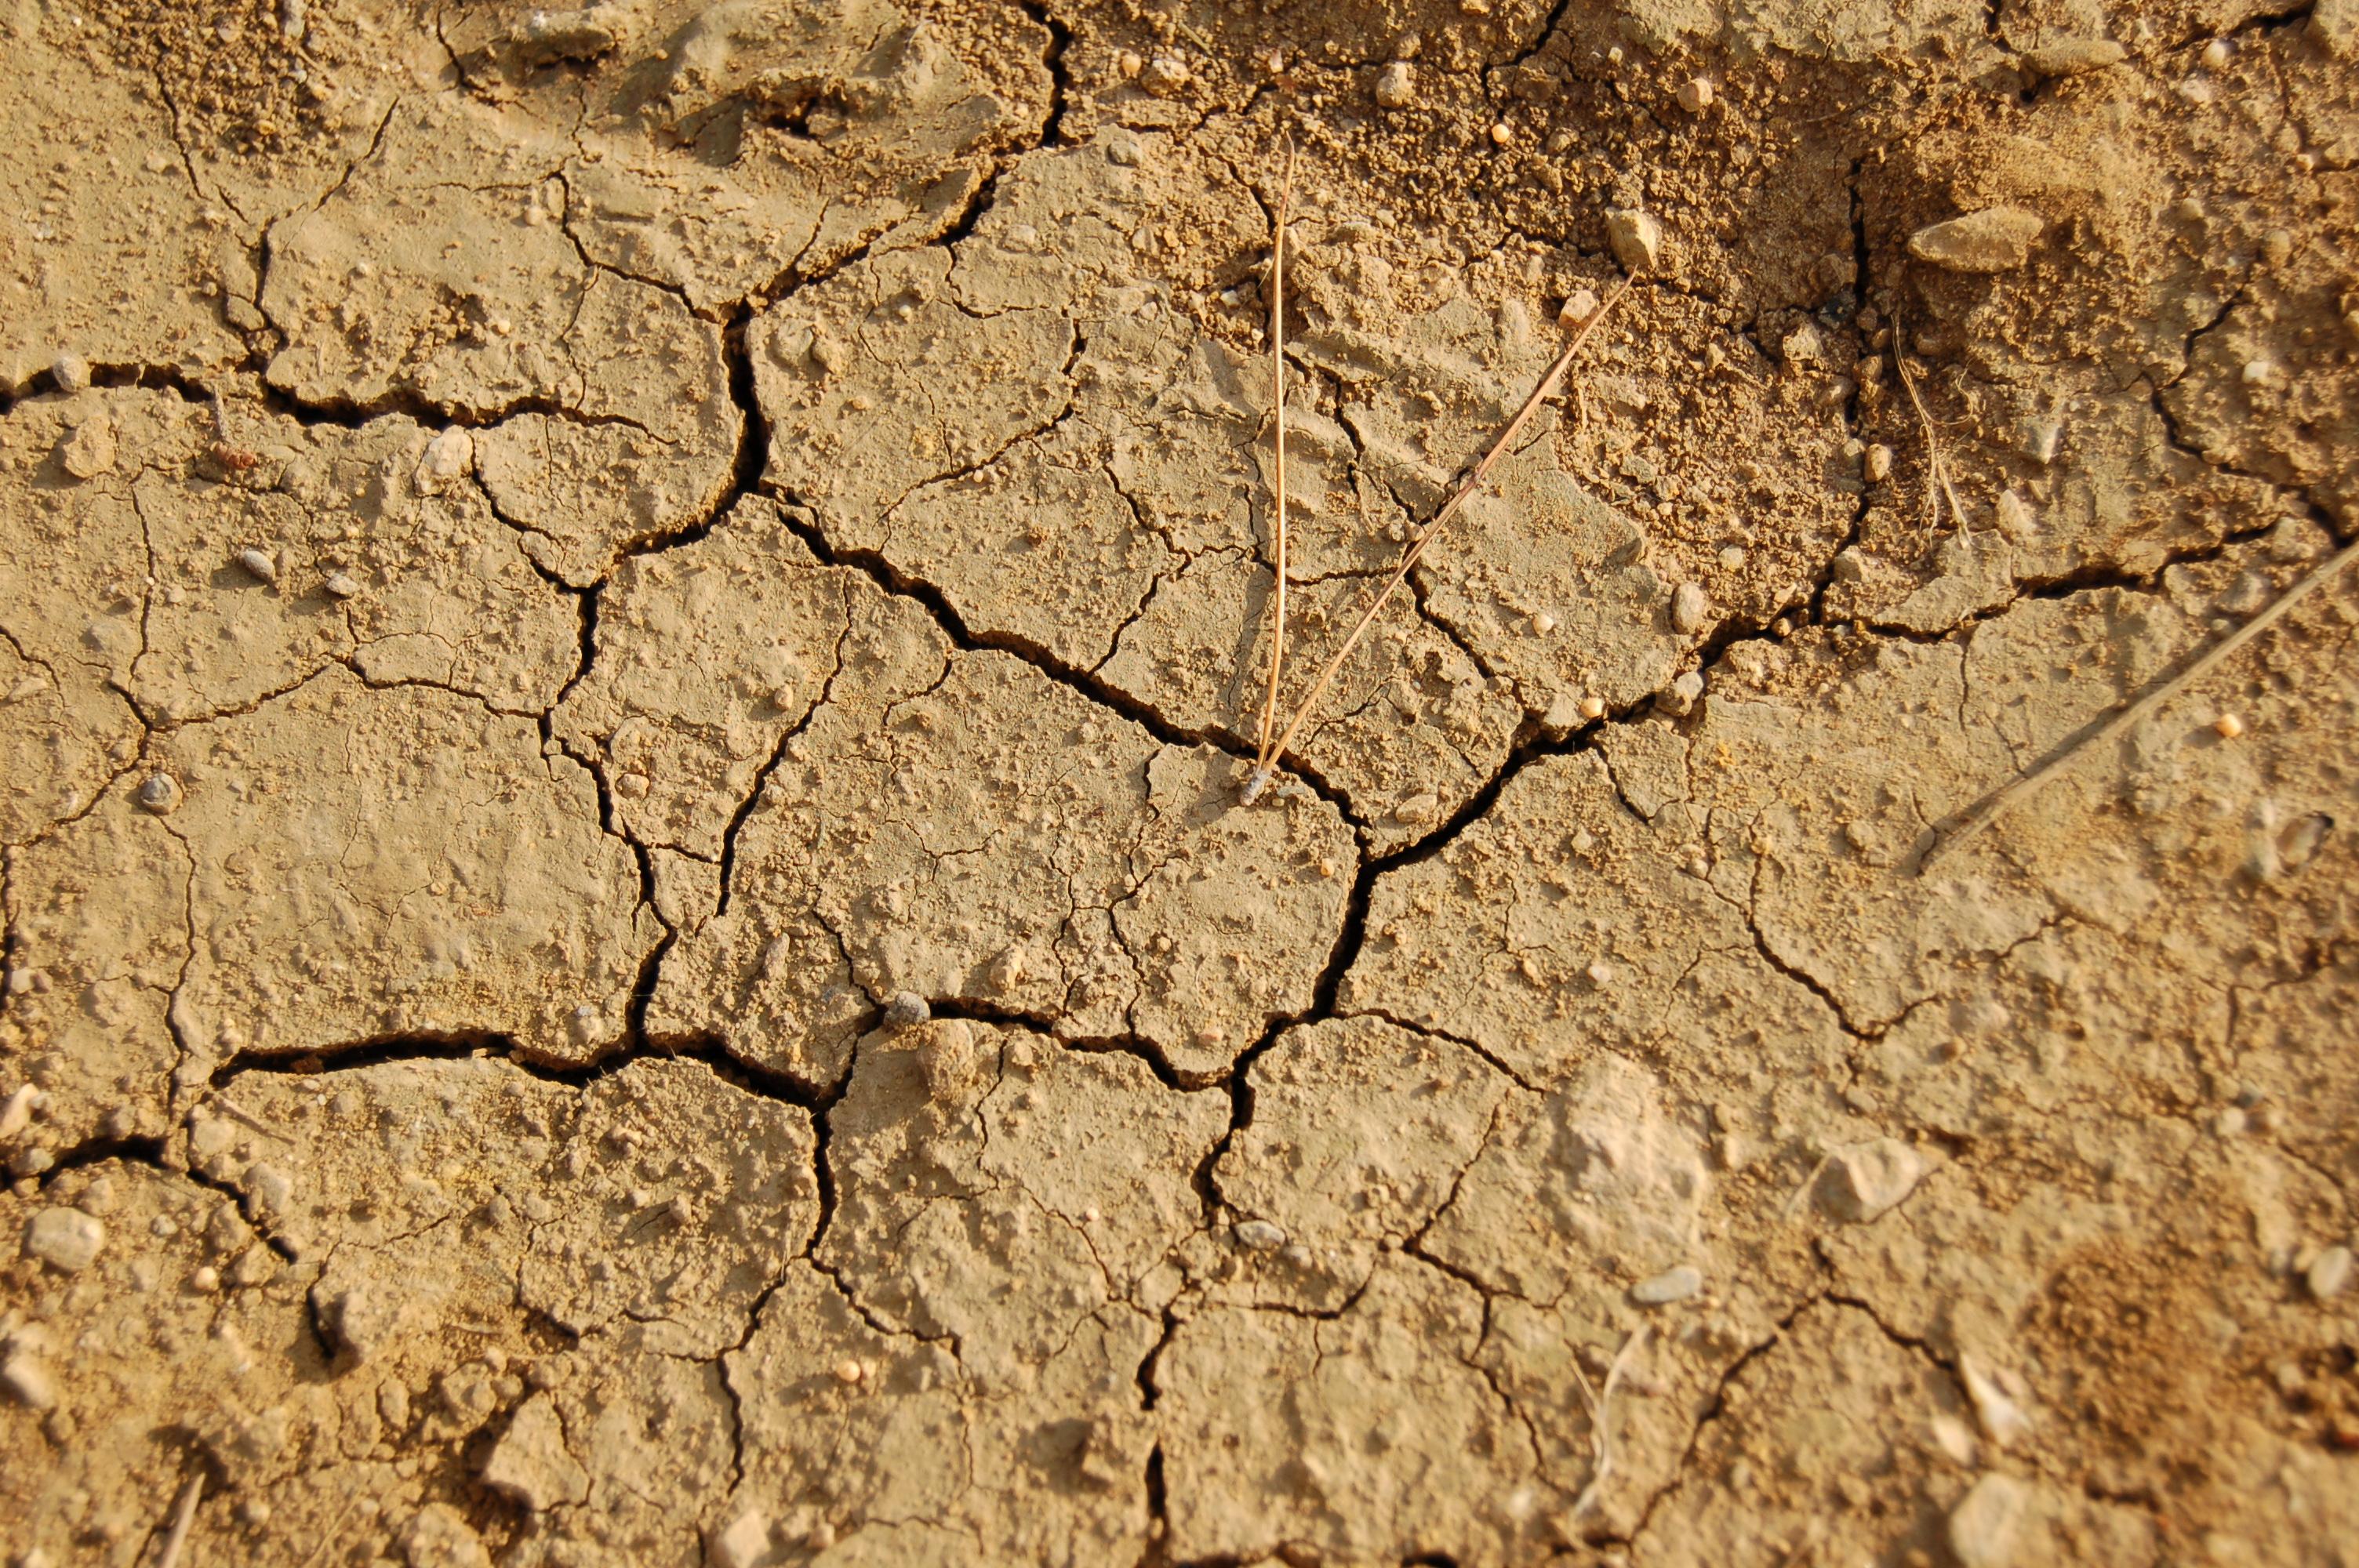 Siccità, invasi all'asciutto: situazione critica in Basilicata